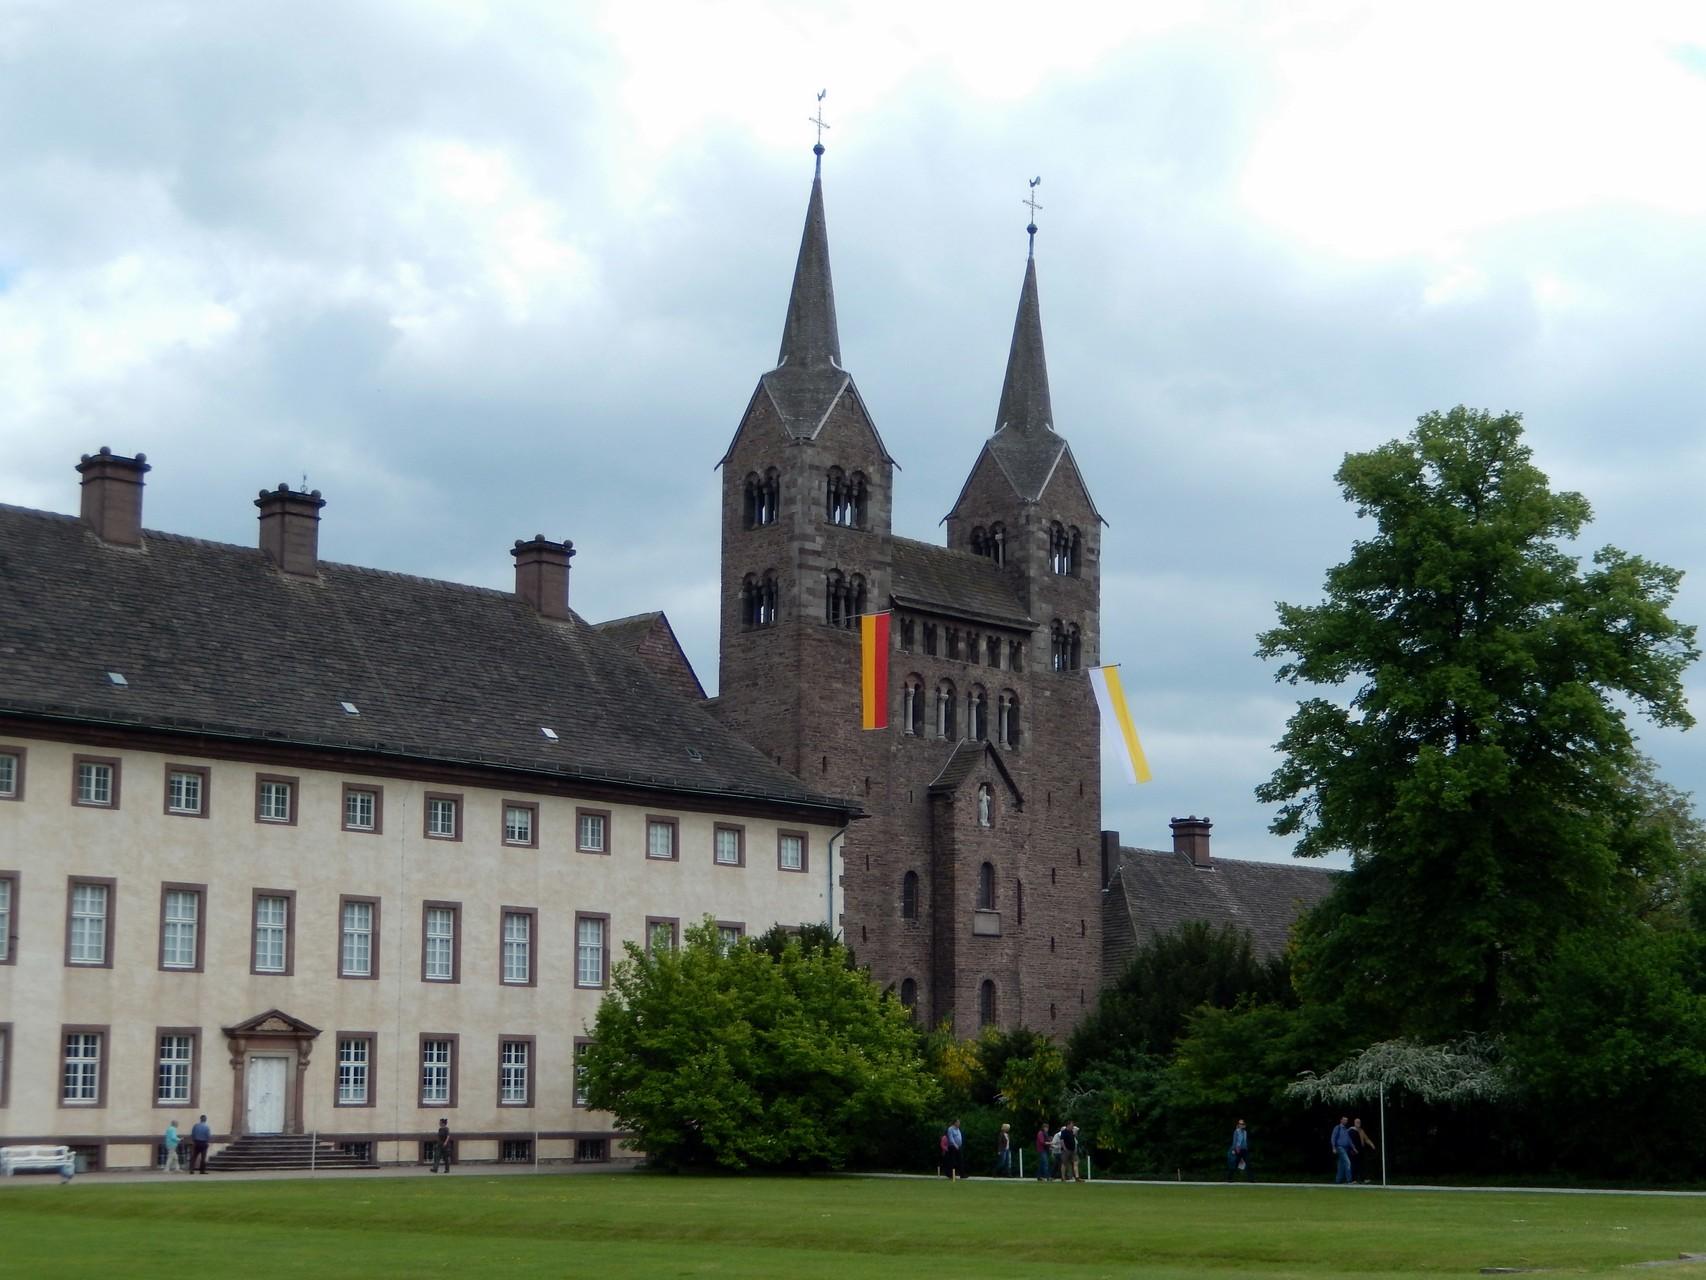 Westwerk Schloss/Kloster Corvey